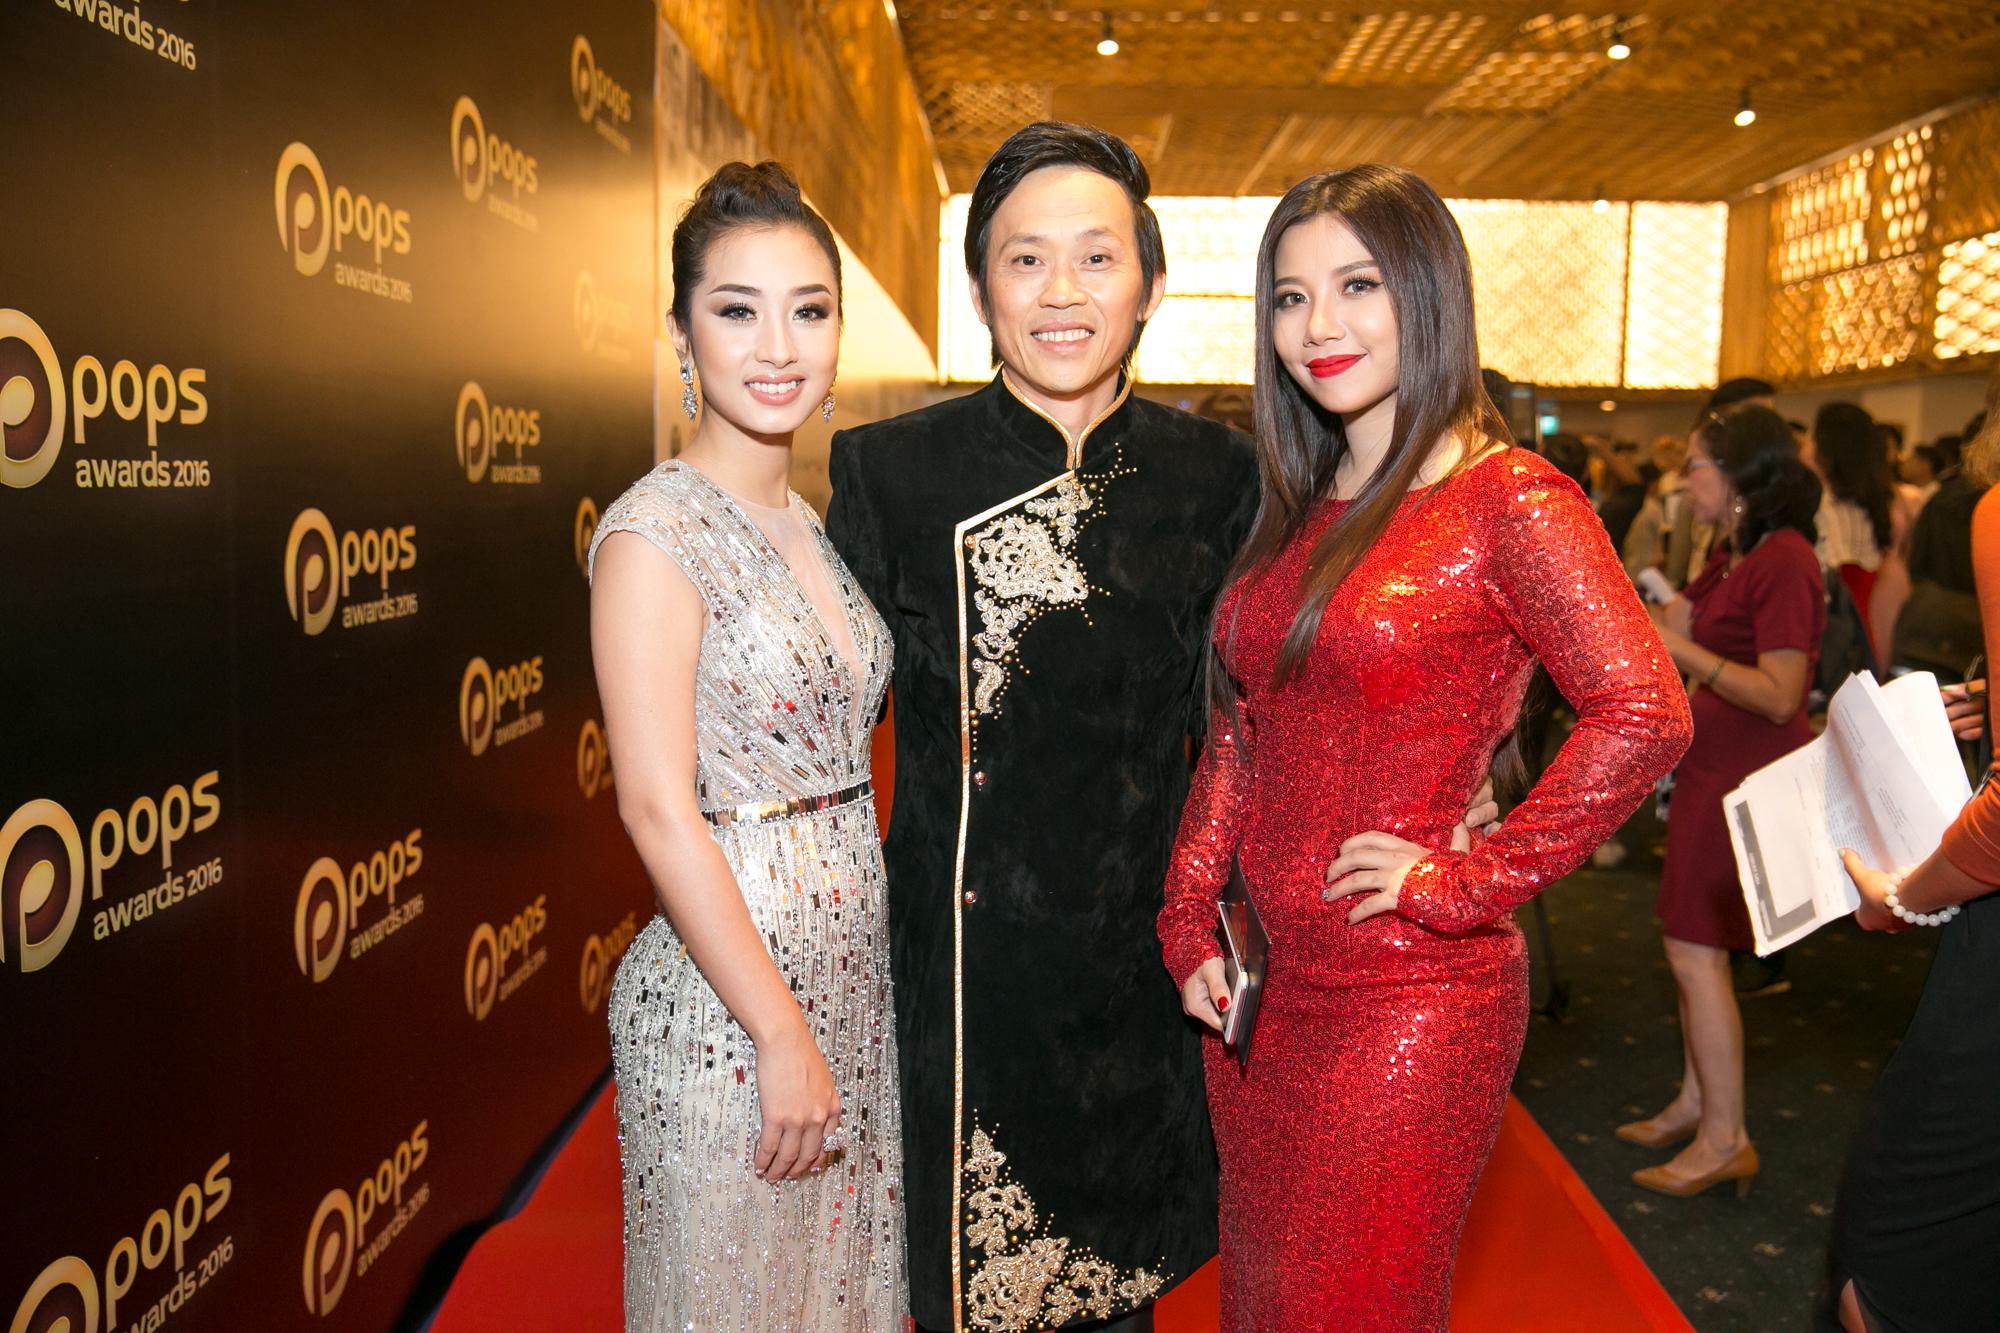 Đàm Vĩnh Hưng xuất hiện trên thảm đỏ, vẫn biểu diễn theo lịch trình sau khi livestream tiết lộ số nợ 20 tỷ - Ảnh 5.